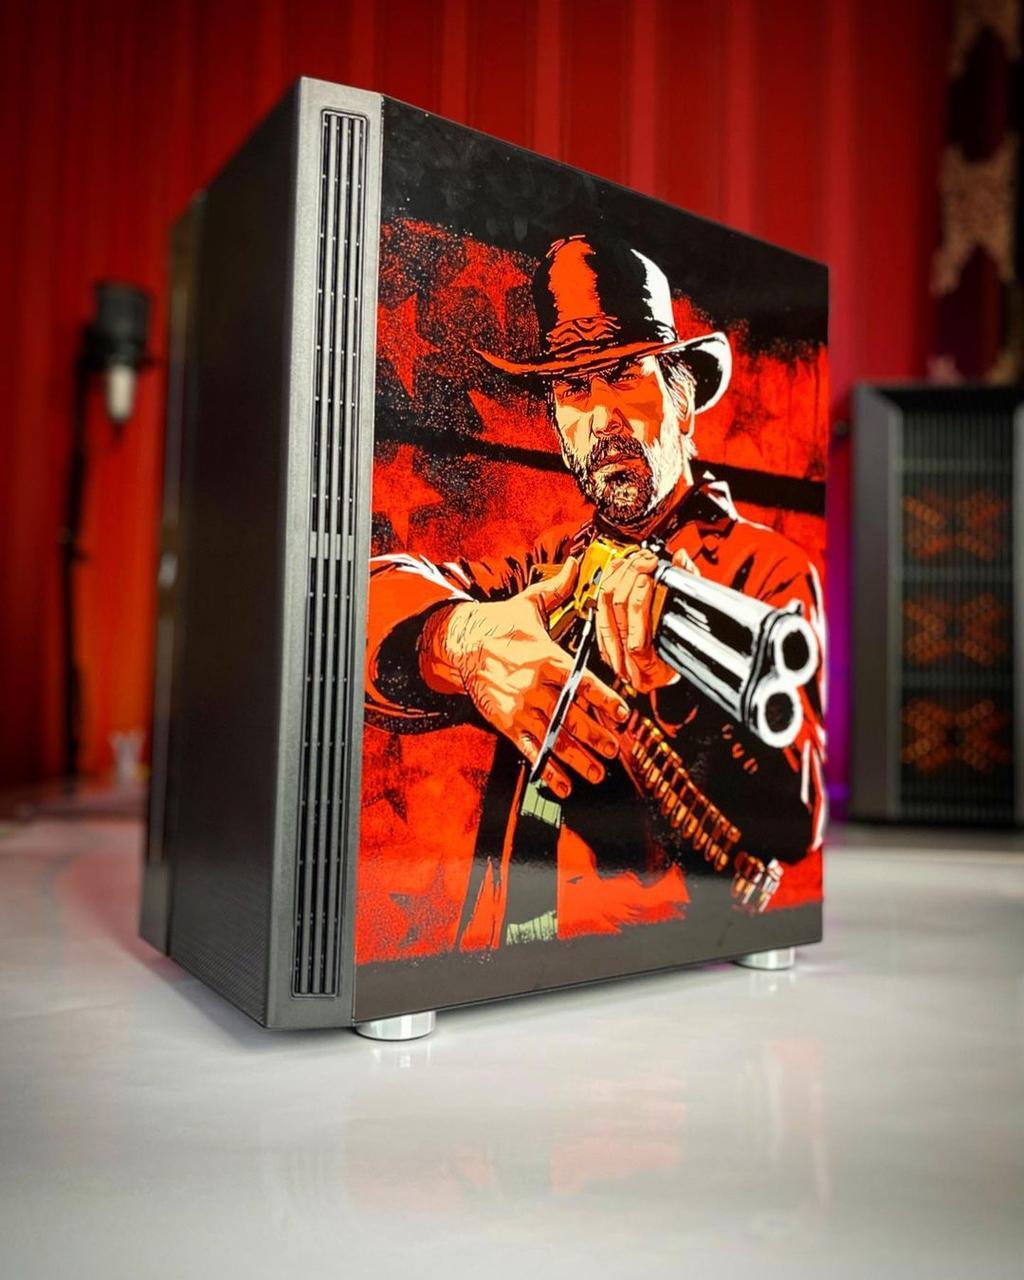 Игровой ПК (компьютер) для Red Dead Redemption 2 (РДР2) (Standart)